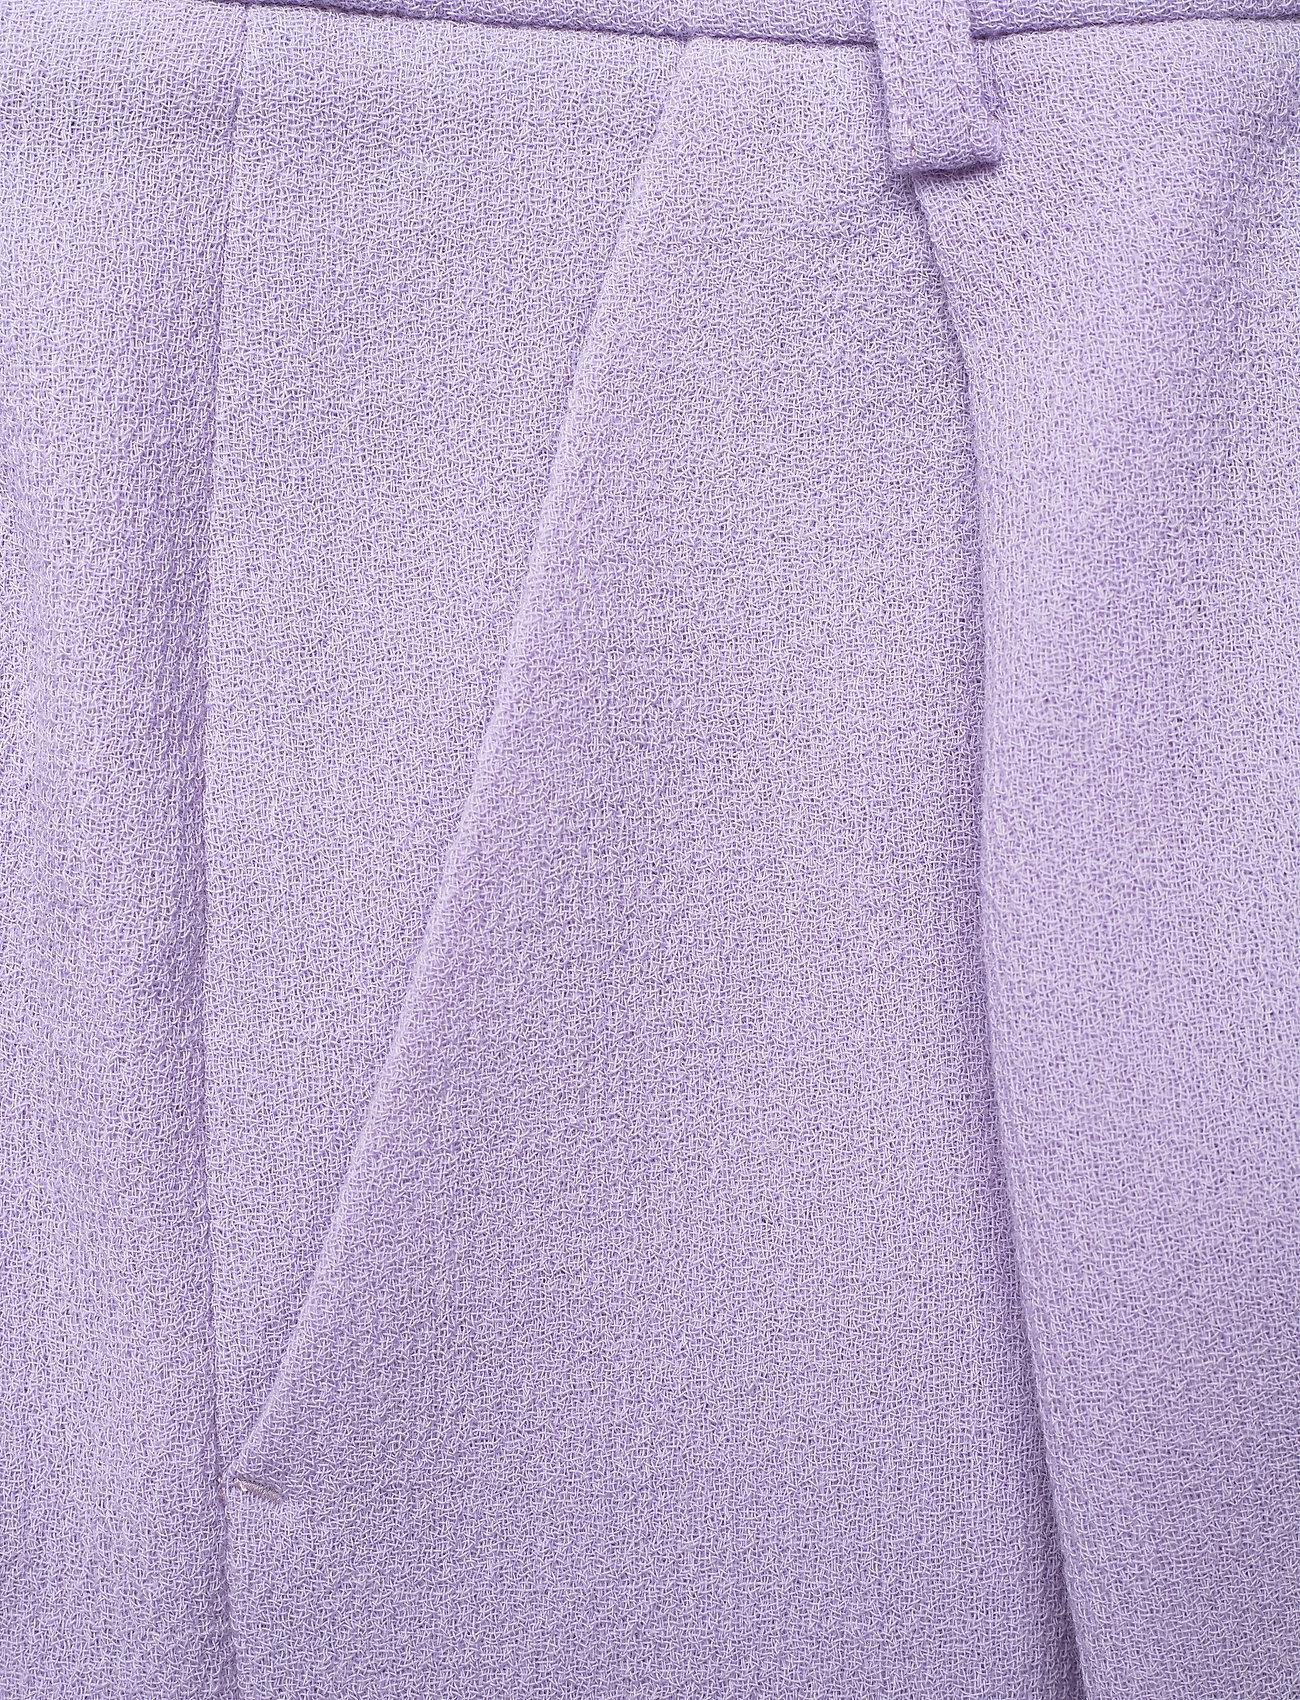 STINE GOYA - Estella, 1113 Iris Tailoring - bermudashorts - lilac - 3